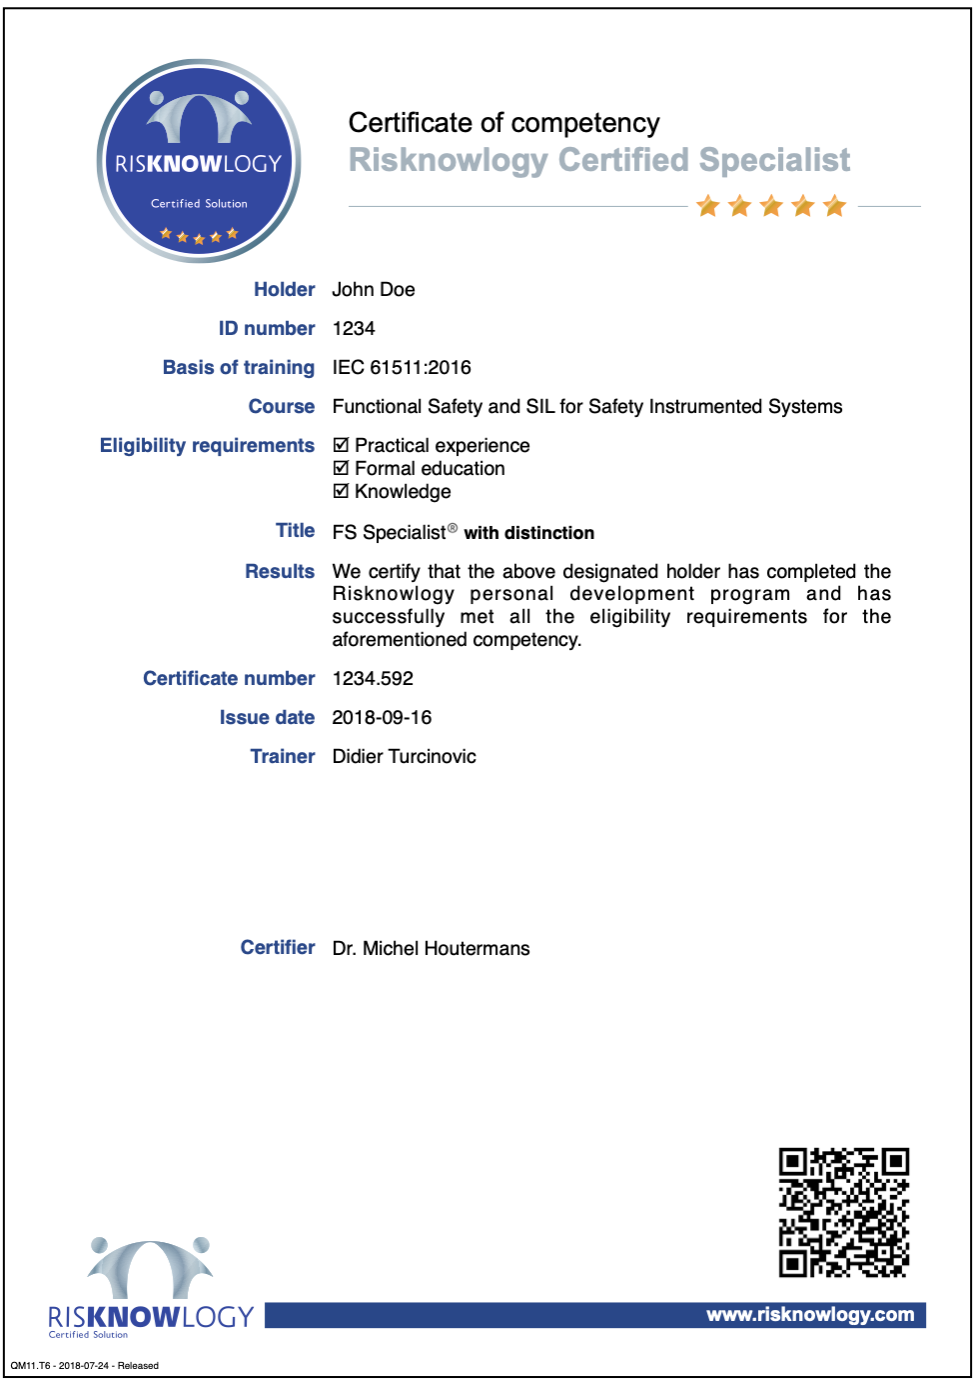 Certificación Risknowlogy-TUV en Argentina para Especialistas – Certificado especial con Distinción